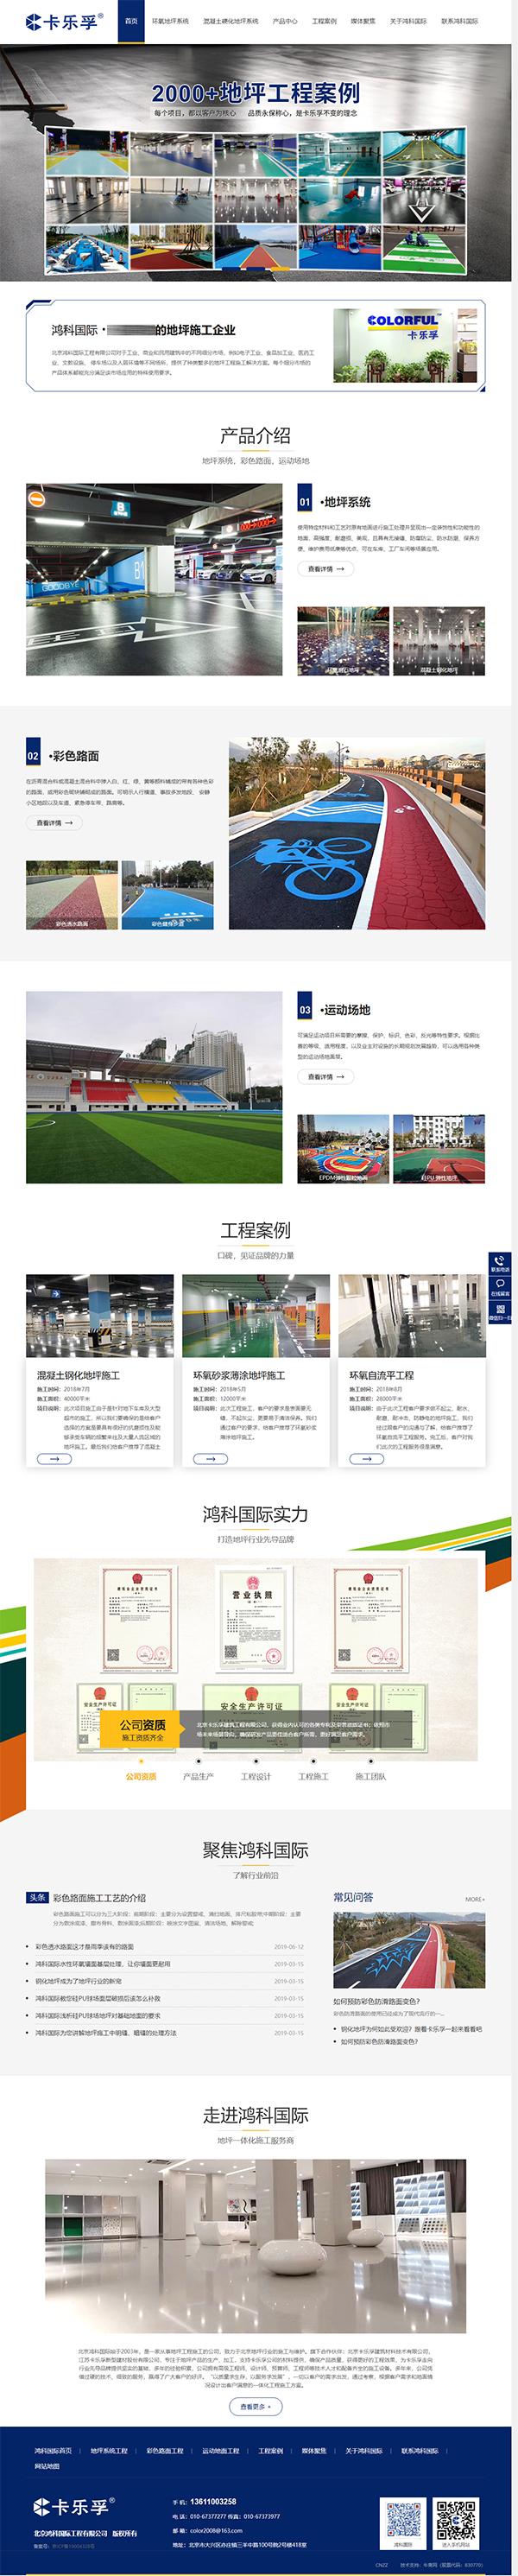 鸿科国际工程营销型网站案例